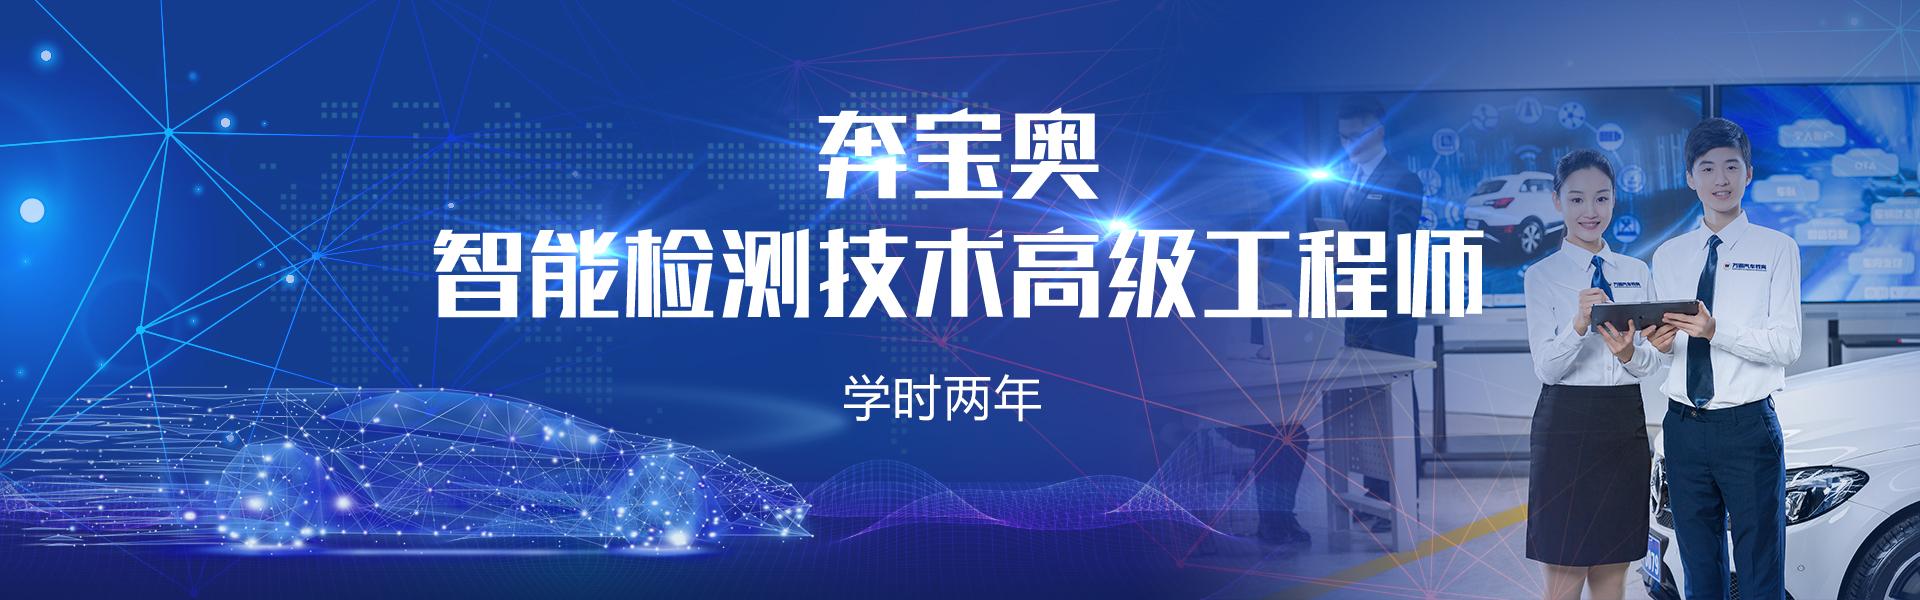 专业推荐|奔宝奥智能检测技术高级工程师